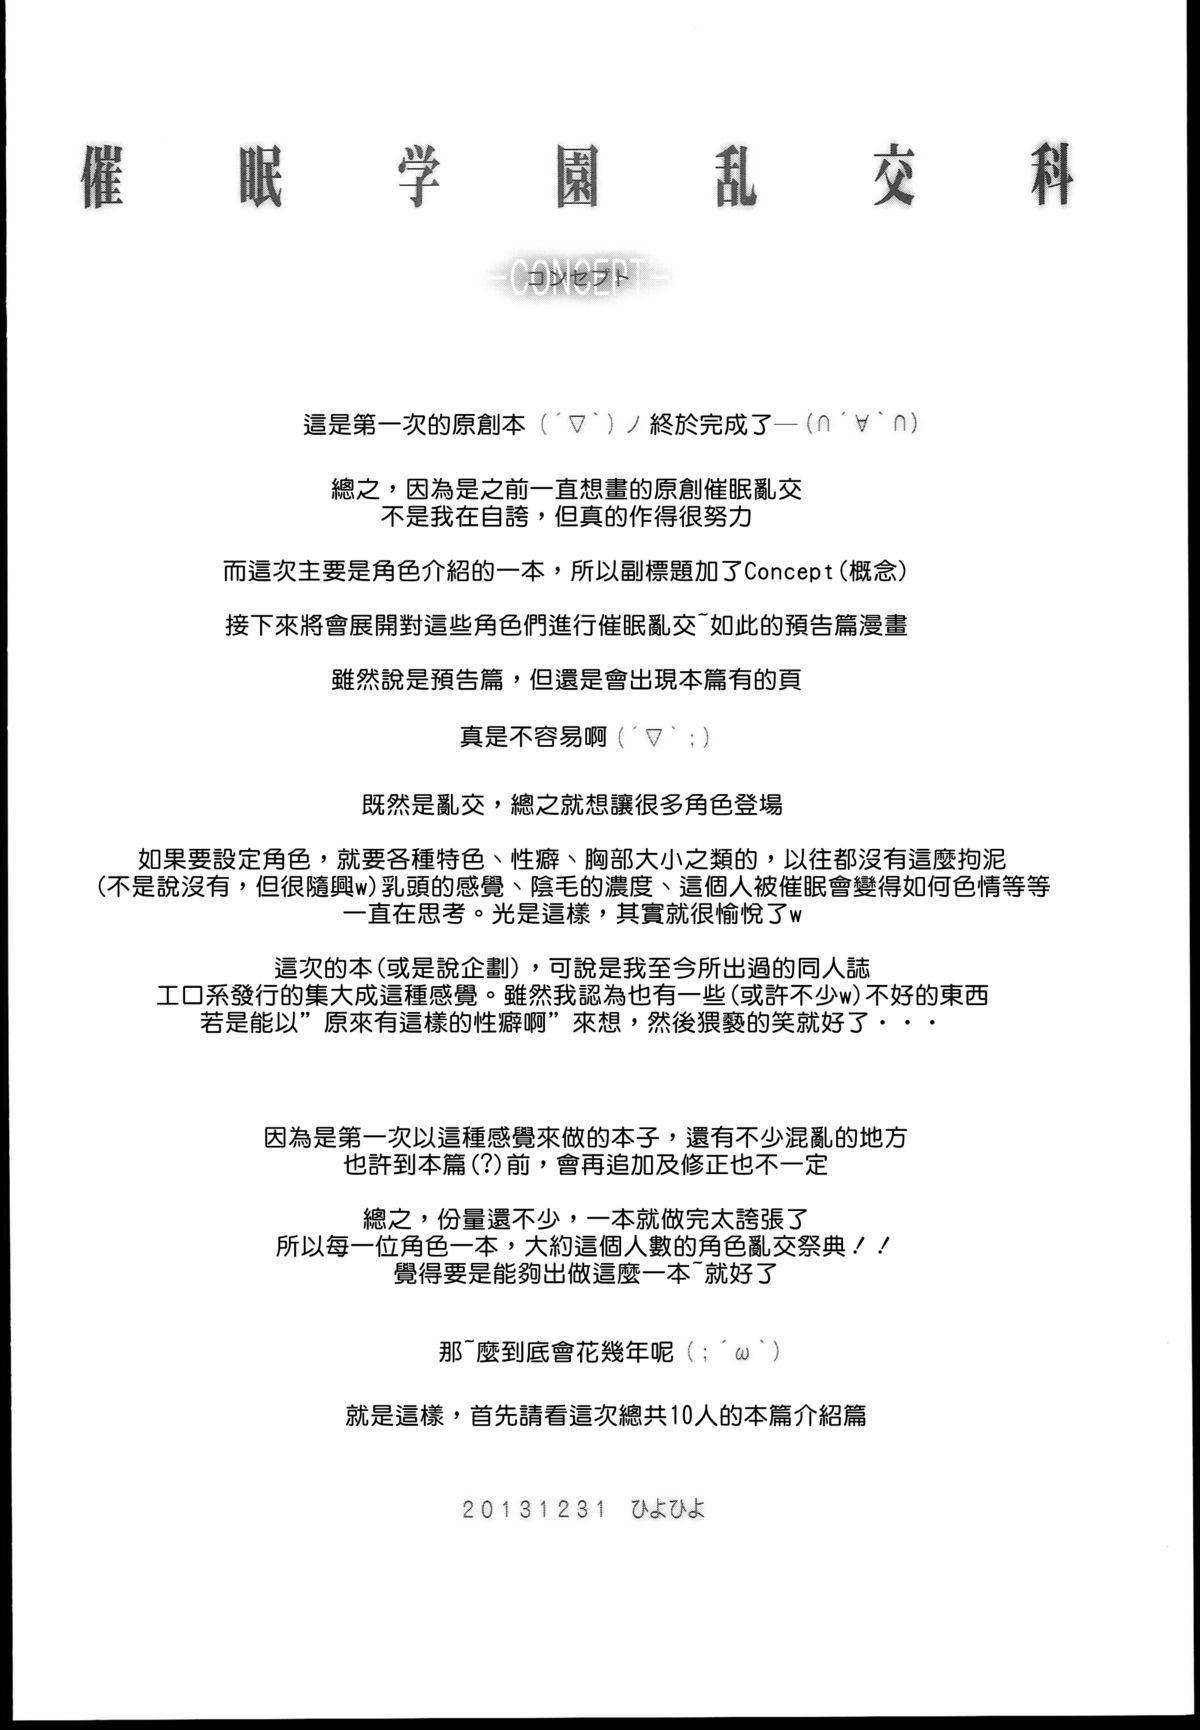 (C85) [Kashiwa-ya (Hiyo Hiyo)] Saimin Gakuen Rankou-Ka -CONCEPT- [Chinese] [Den+為了拯救自己的蛋蛋漢化] 3